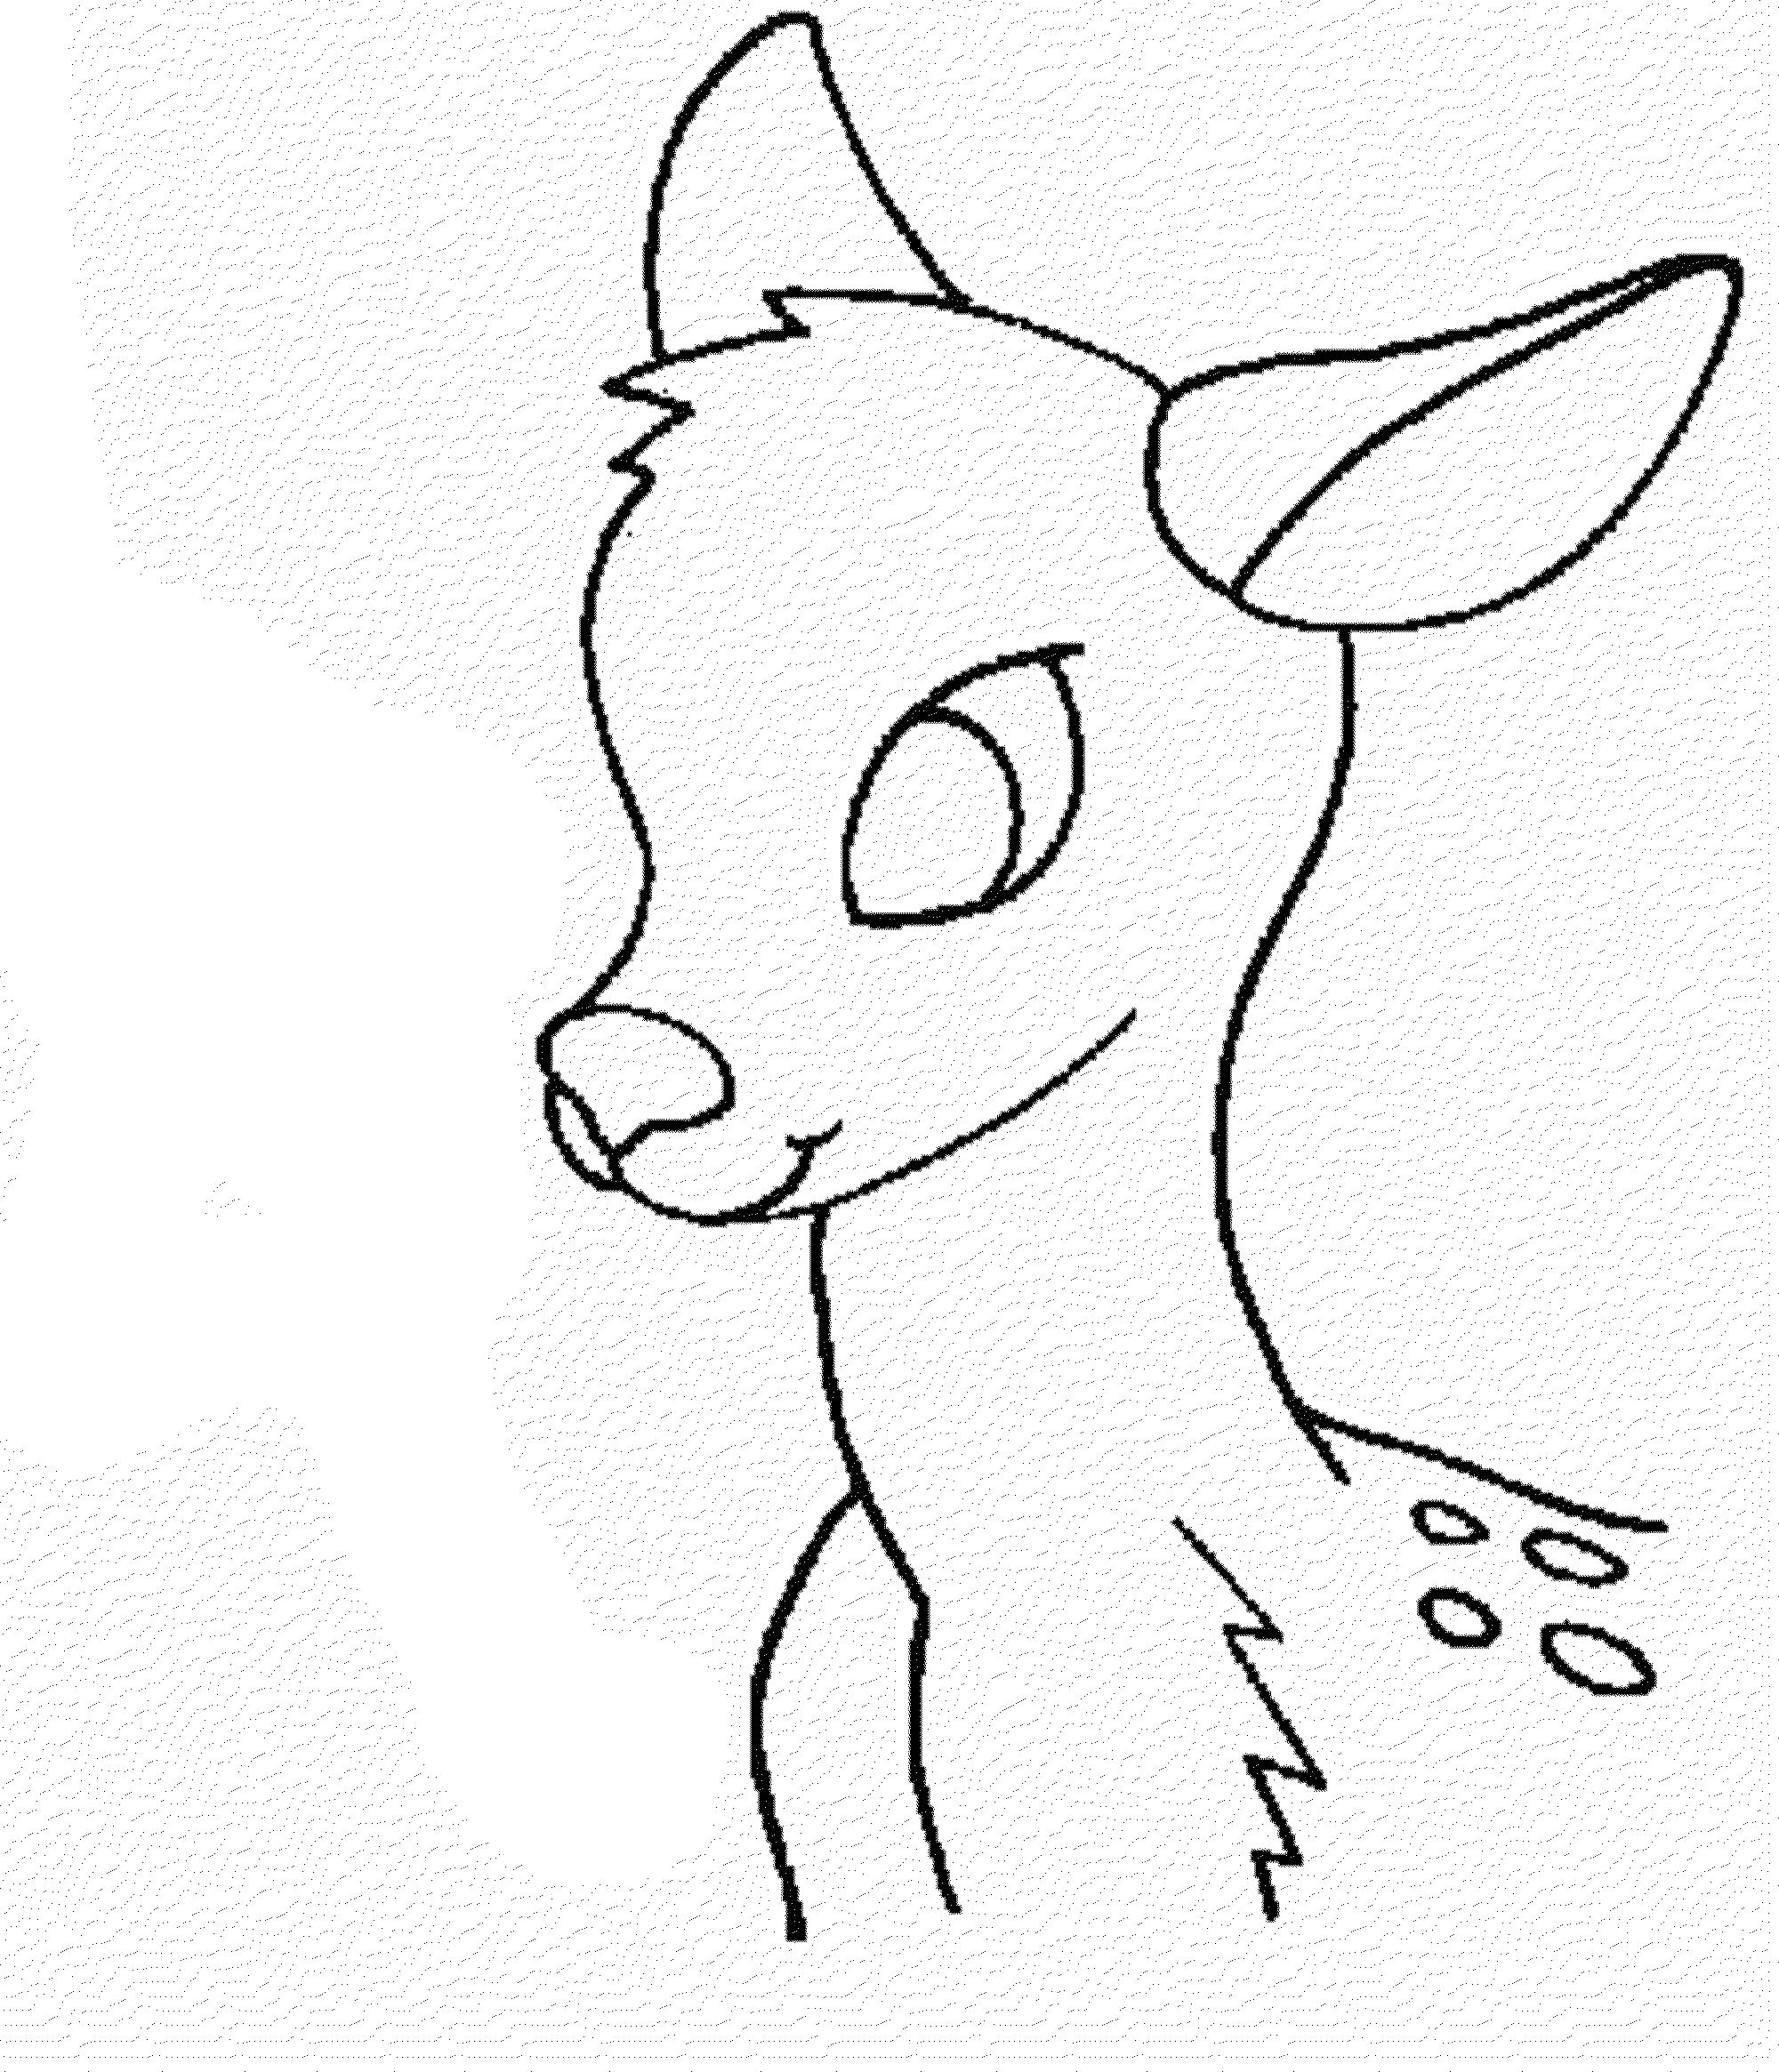 2000x2330 How To Draw Deer Head Wonderful Deer Head Coloring Pages With Deer